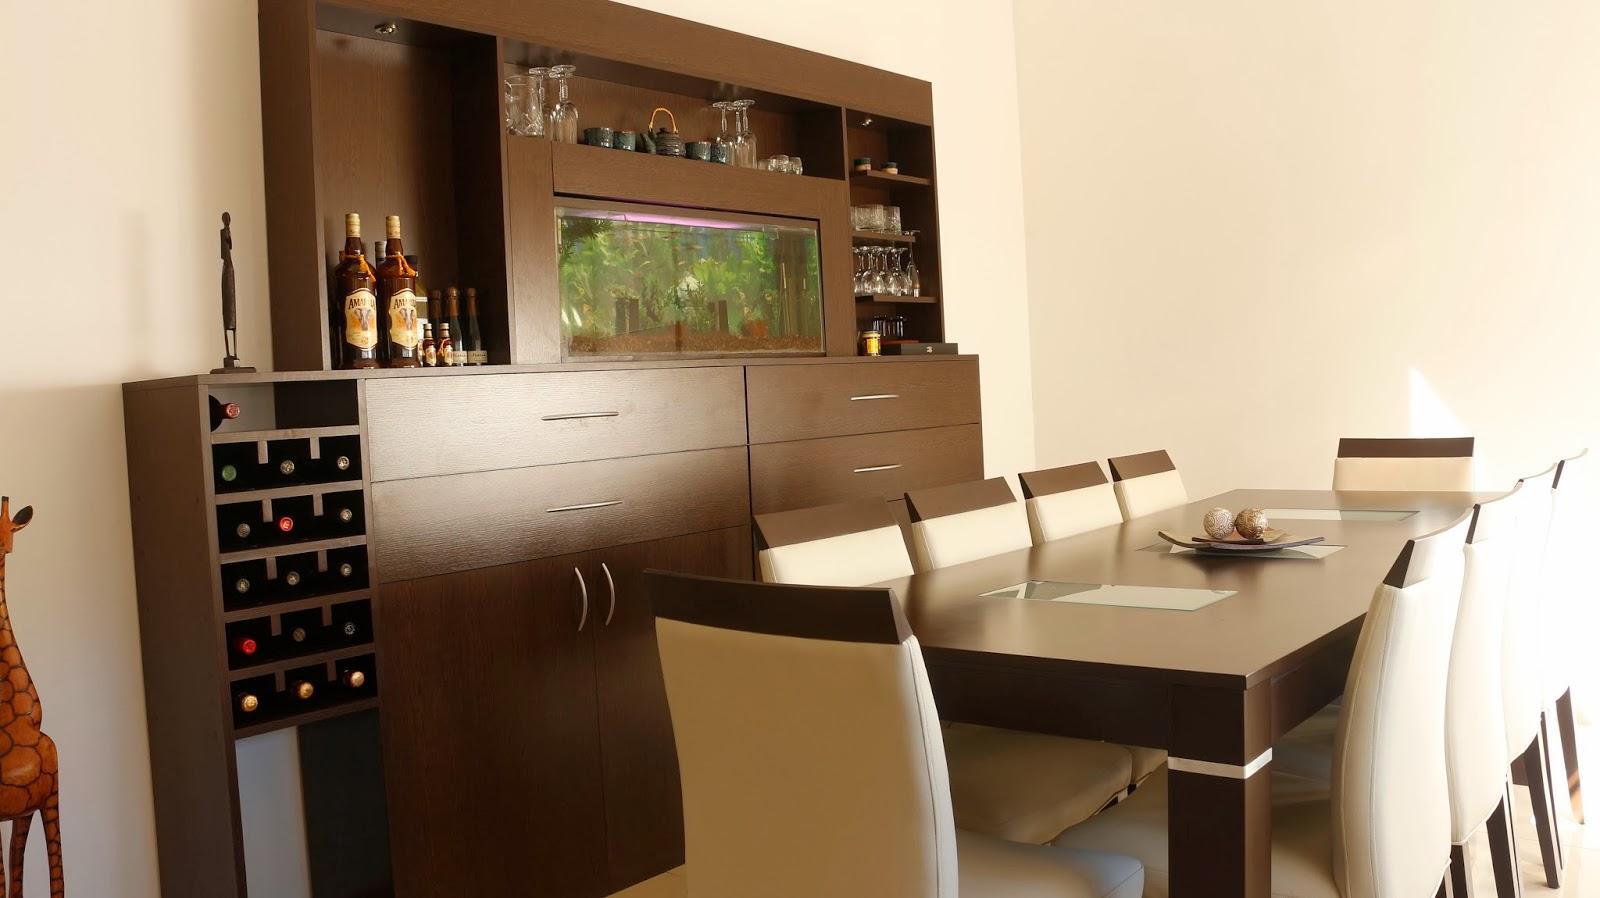 Muebles Romero El Ejido Good Armarios A Medida Muebles Mesa  # Muebles Romero El Ejido